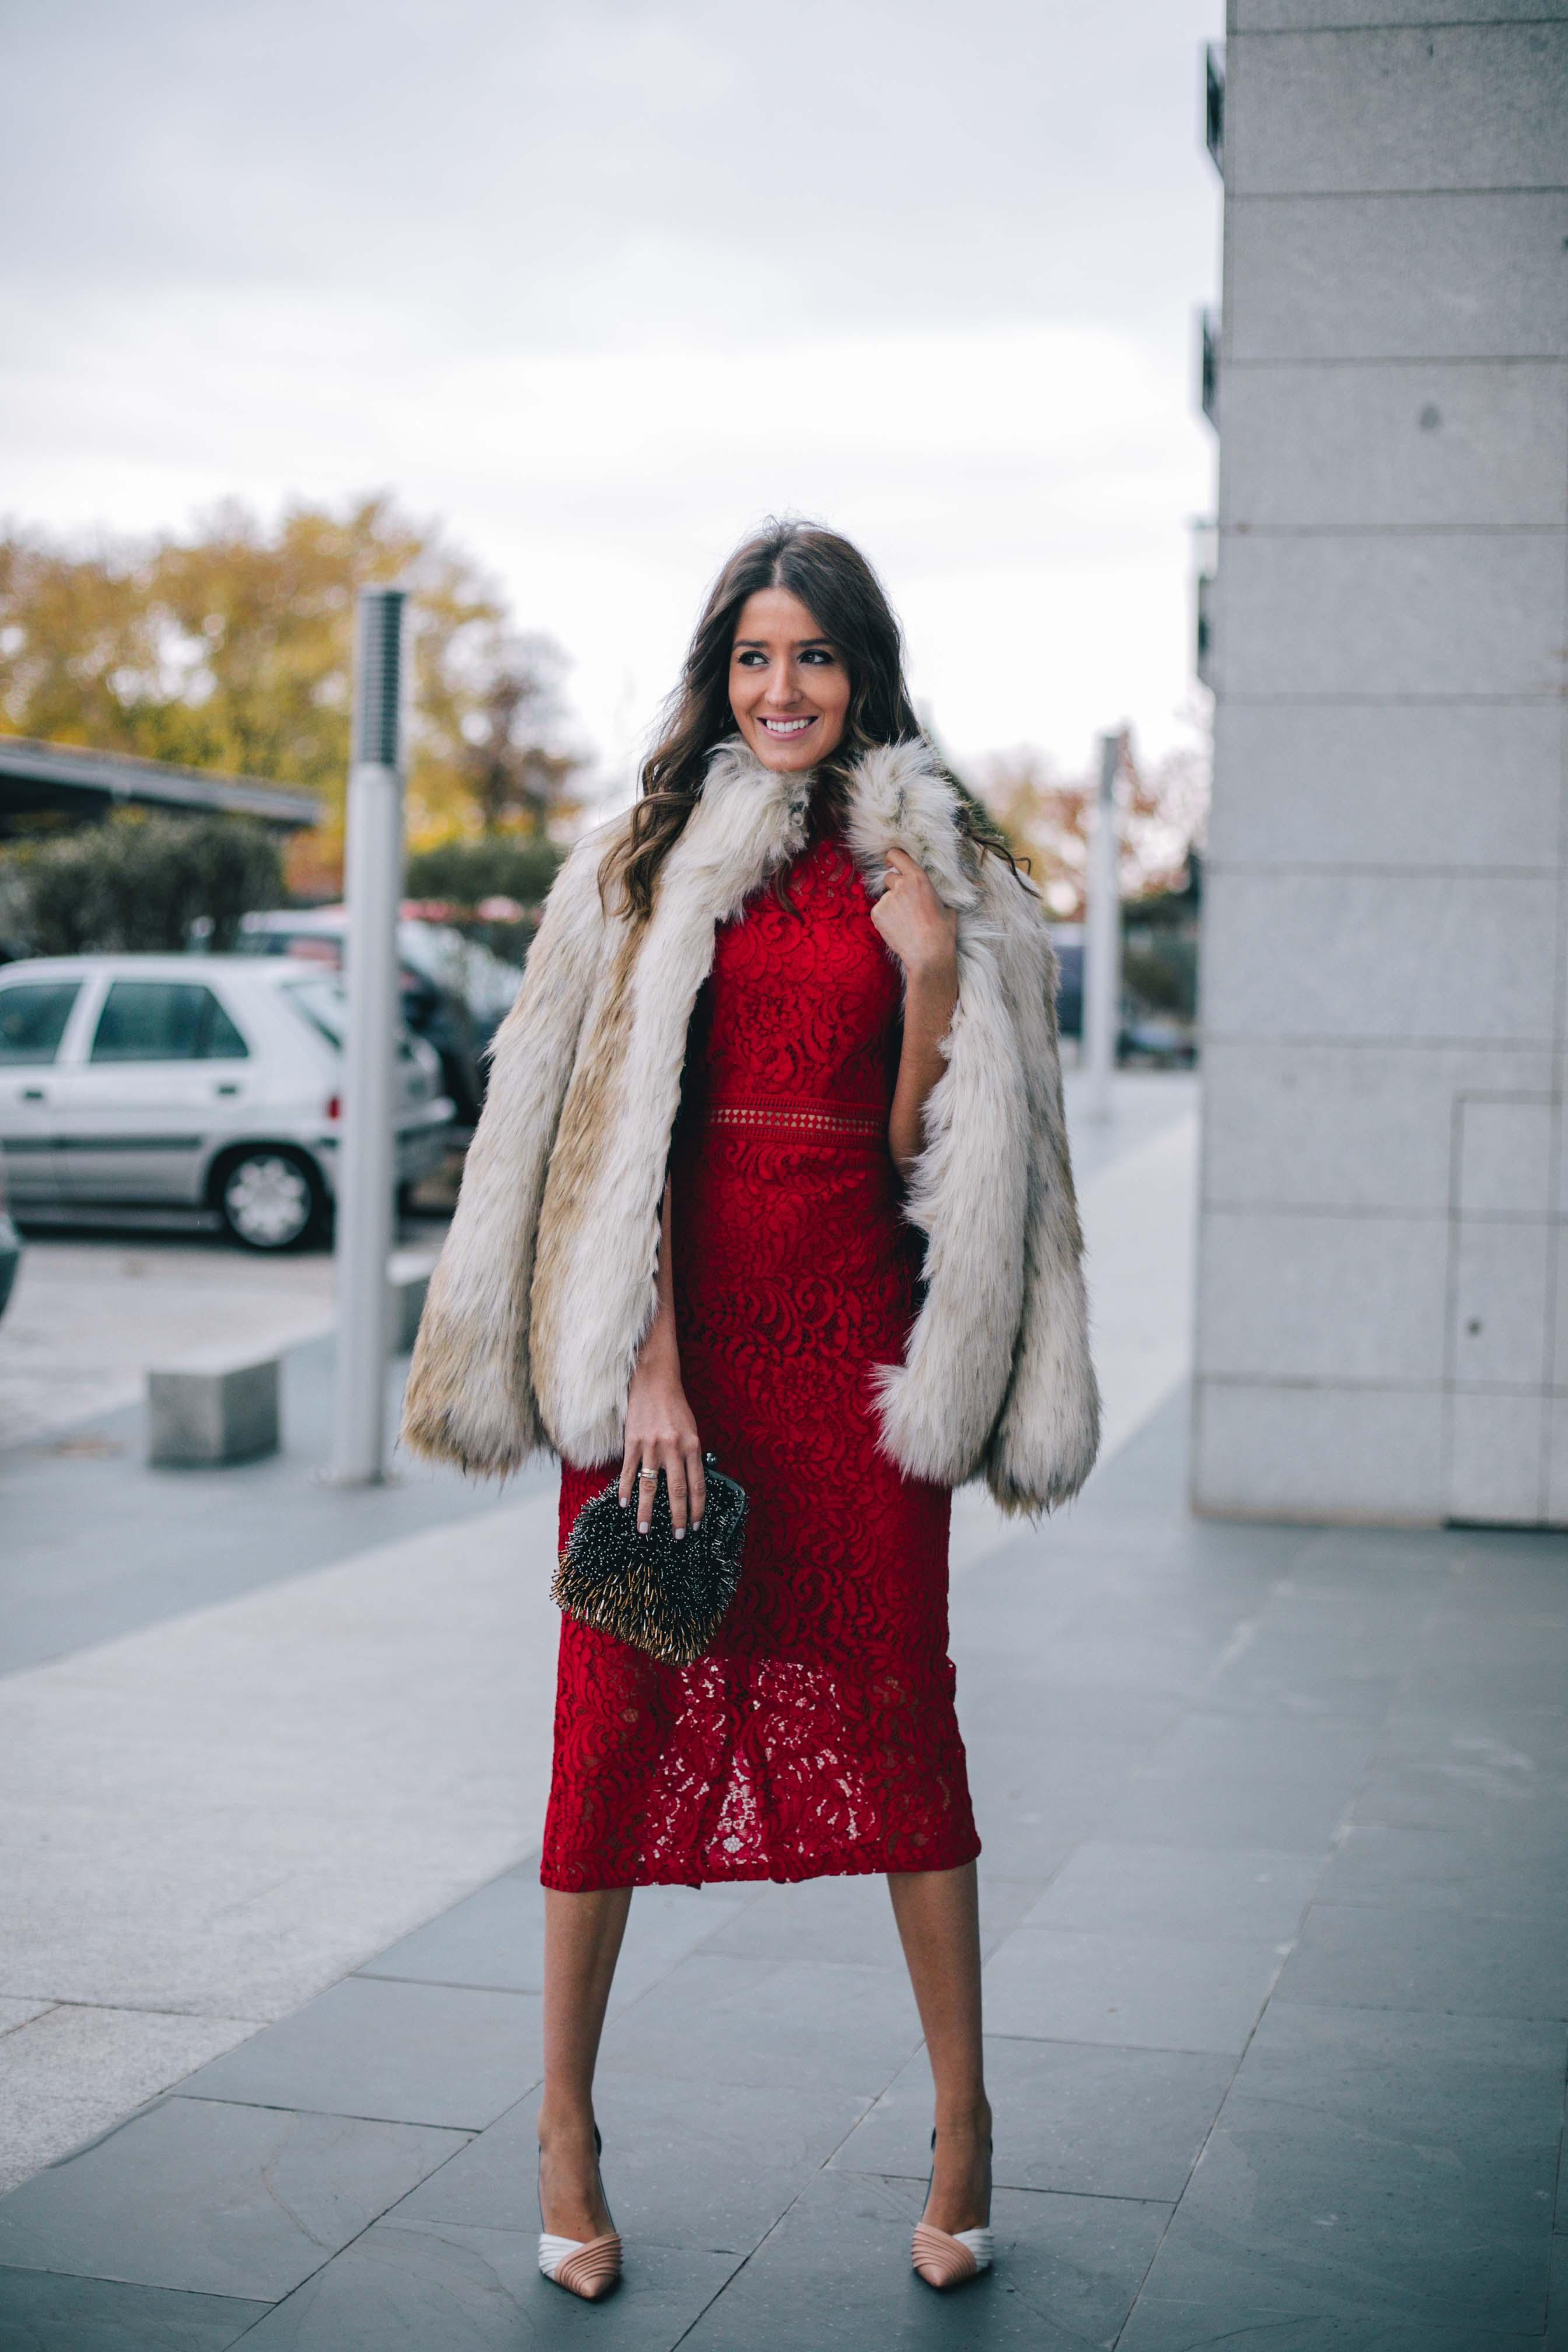 Look invitada invierno abrigo invitada lowcost vestido encaje nochevieja navidad bautizo comunion